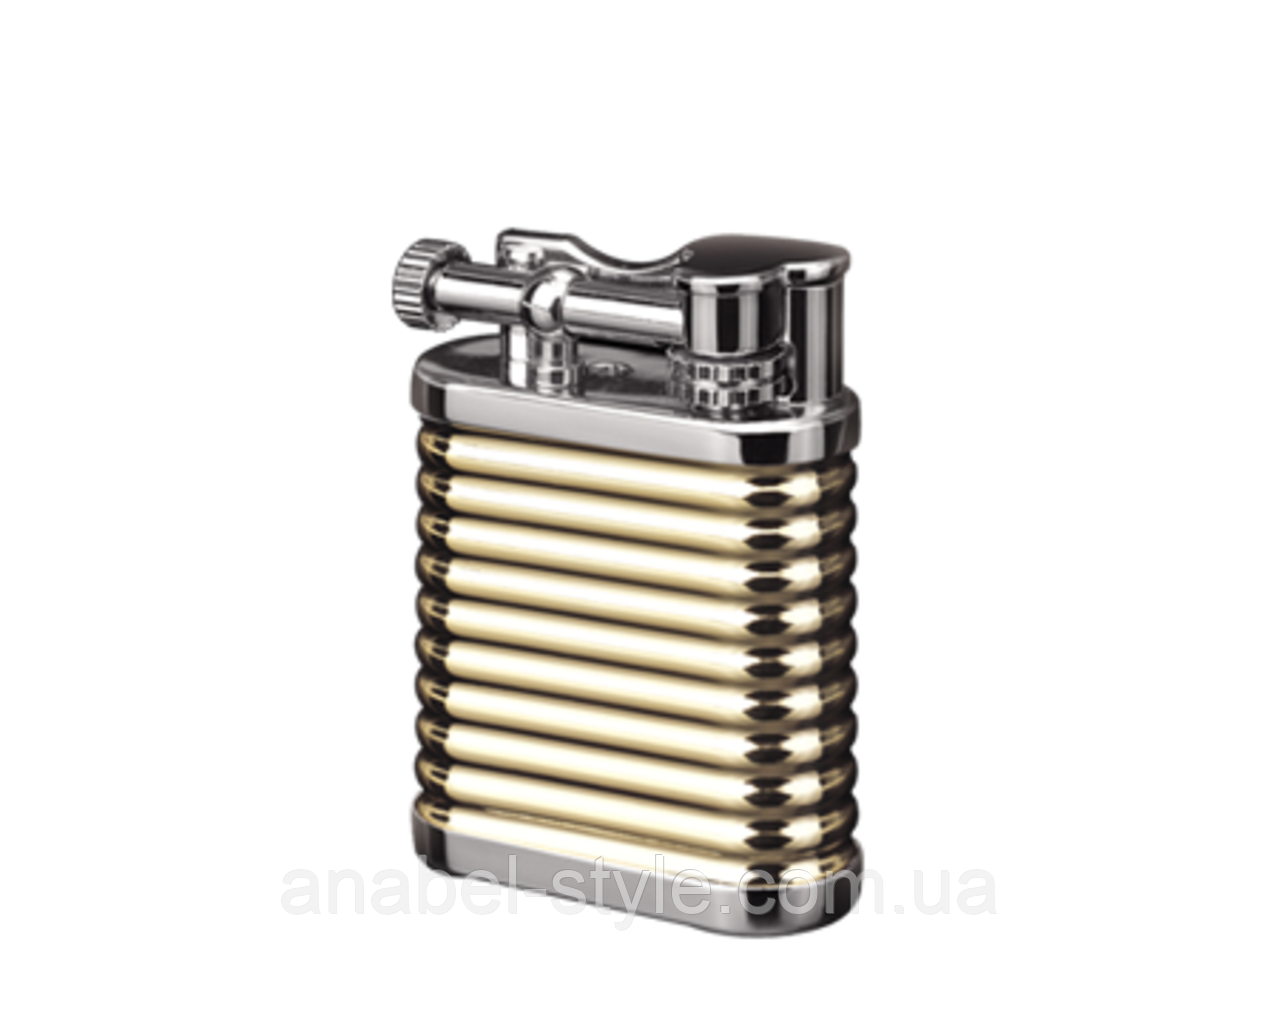 Зажигалка подарочная YIBAO YB-1167-B Код 118251